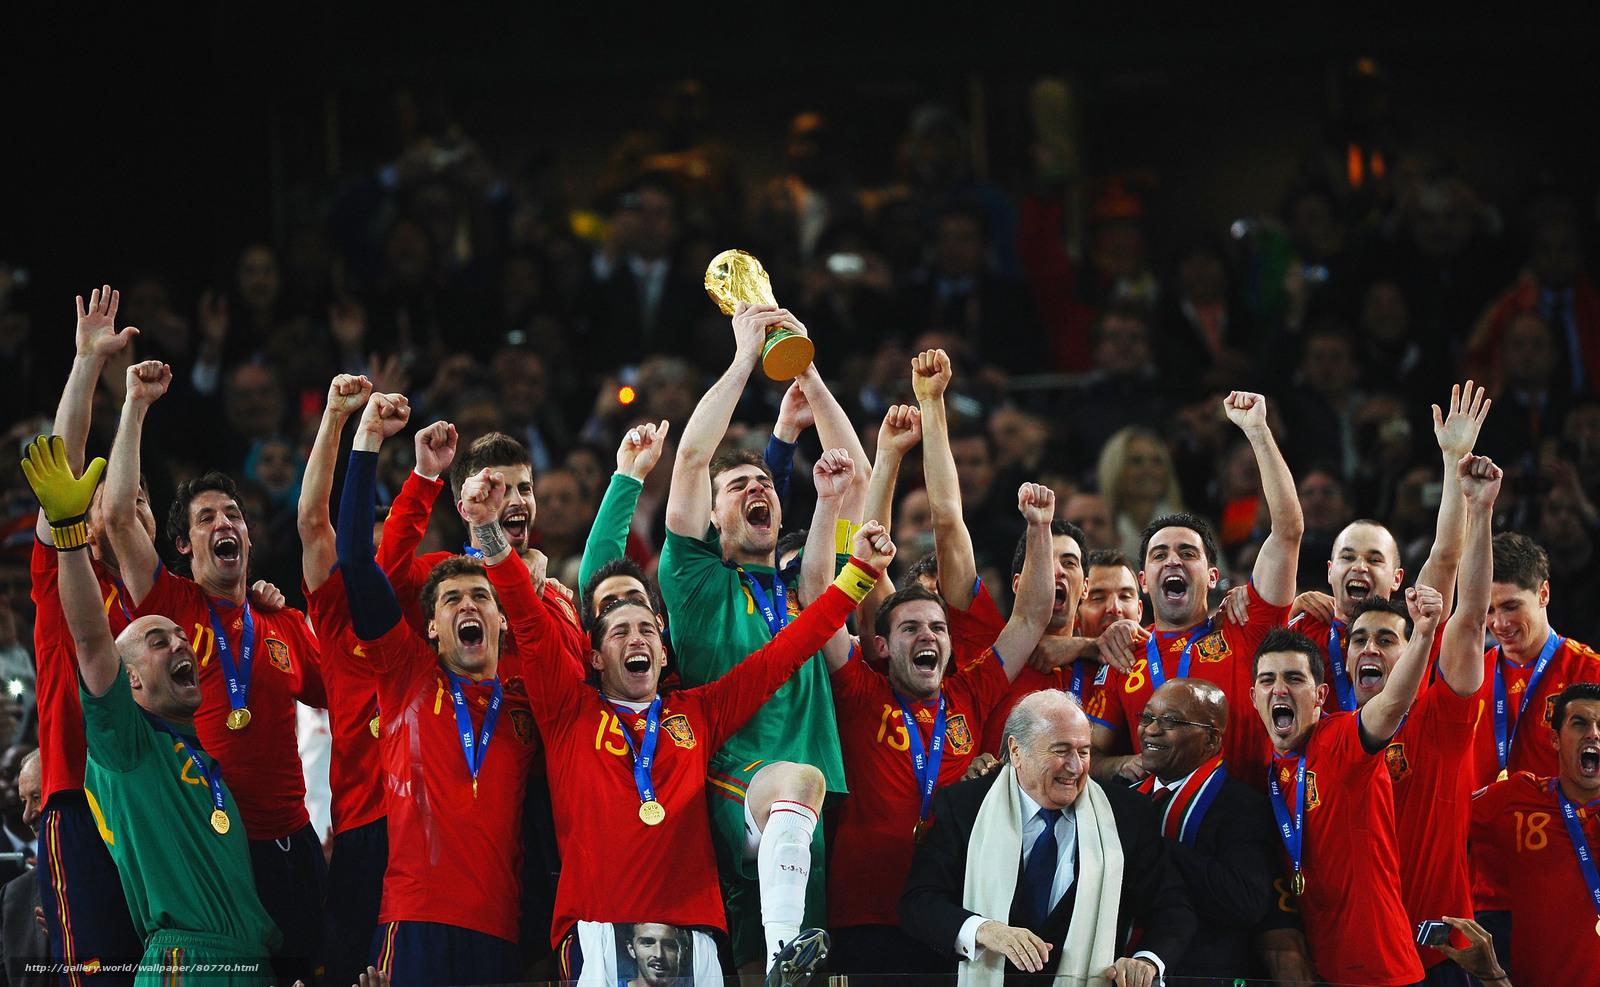 Чемпионат мира по секу в варшаве 2003 смотреть 2 фотография